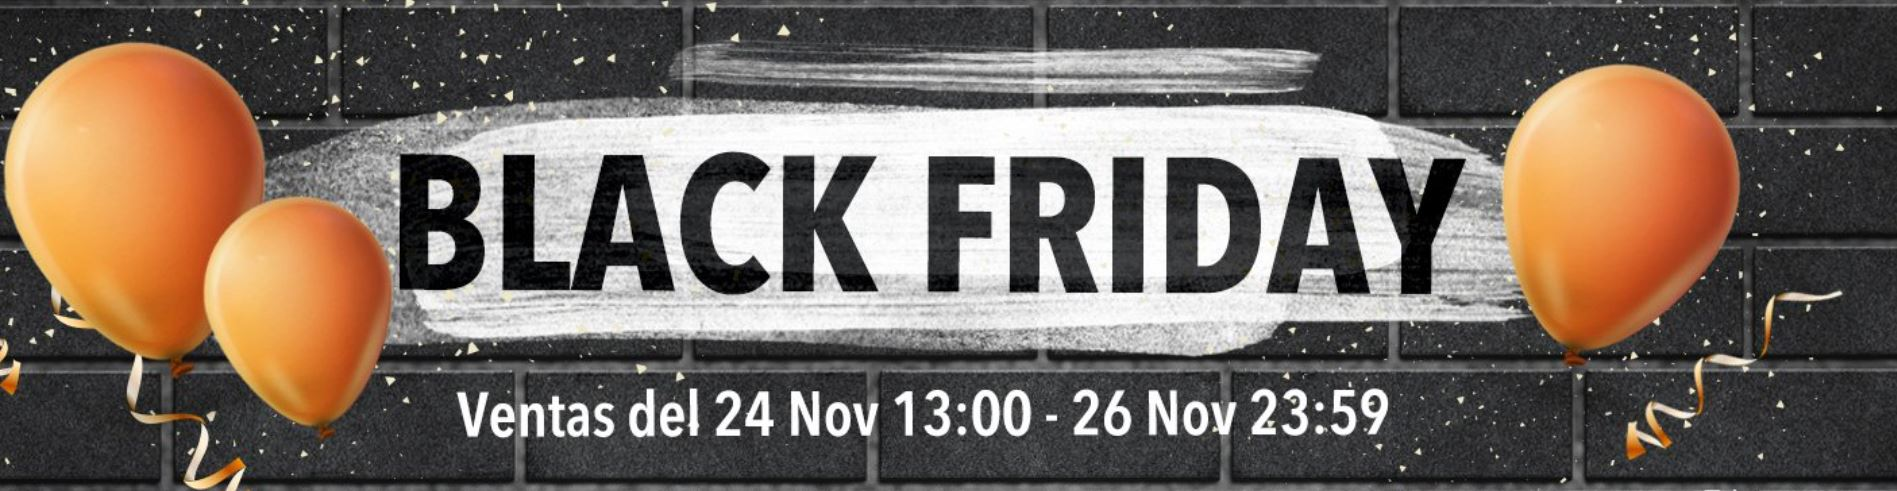 Xiaomi celebra el Black Friday con 50 móviles a 1 euro